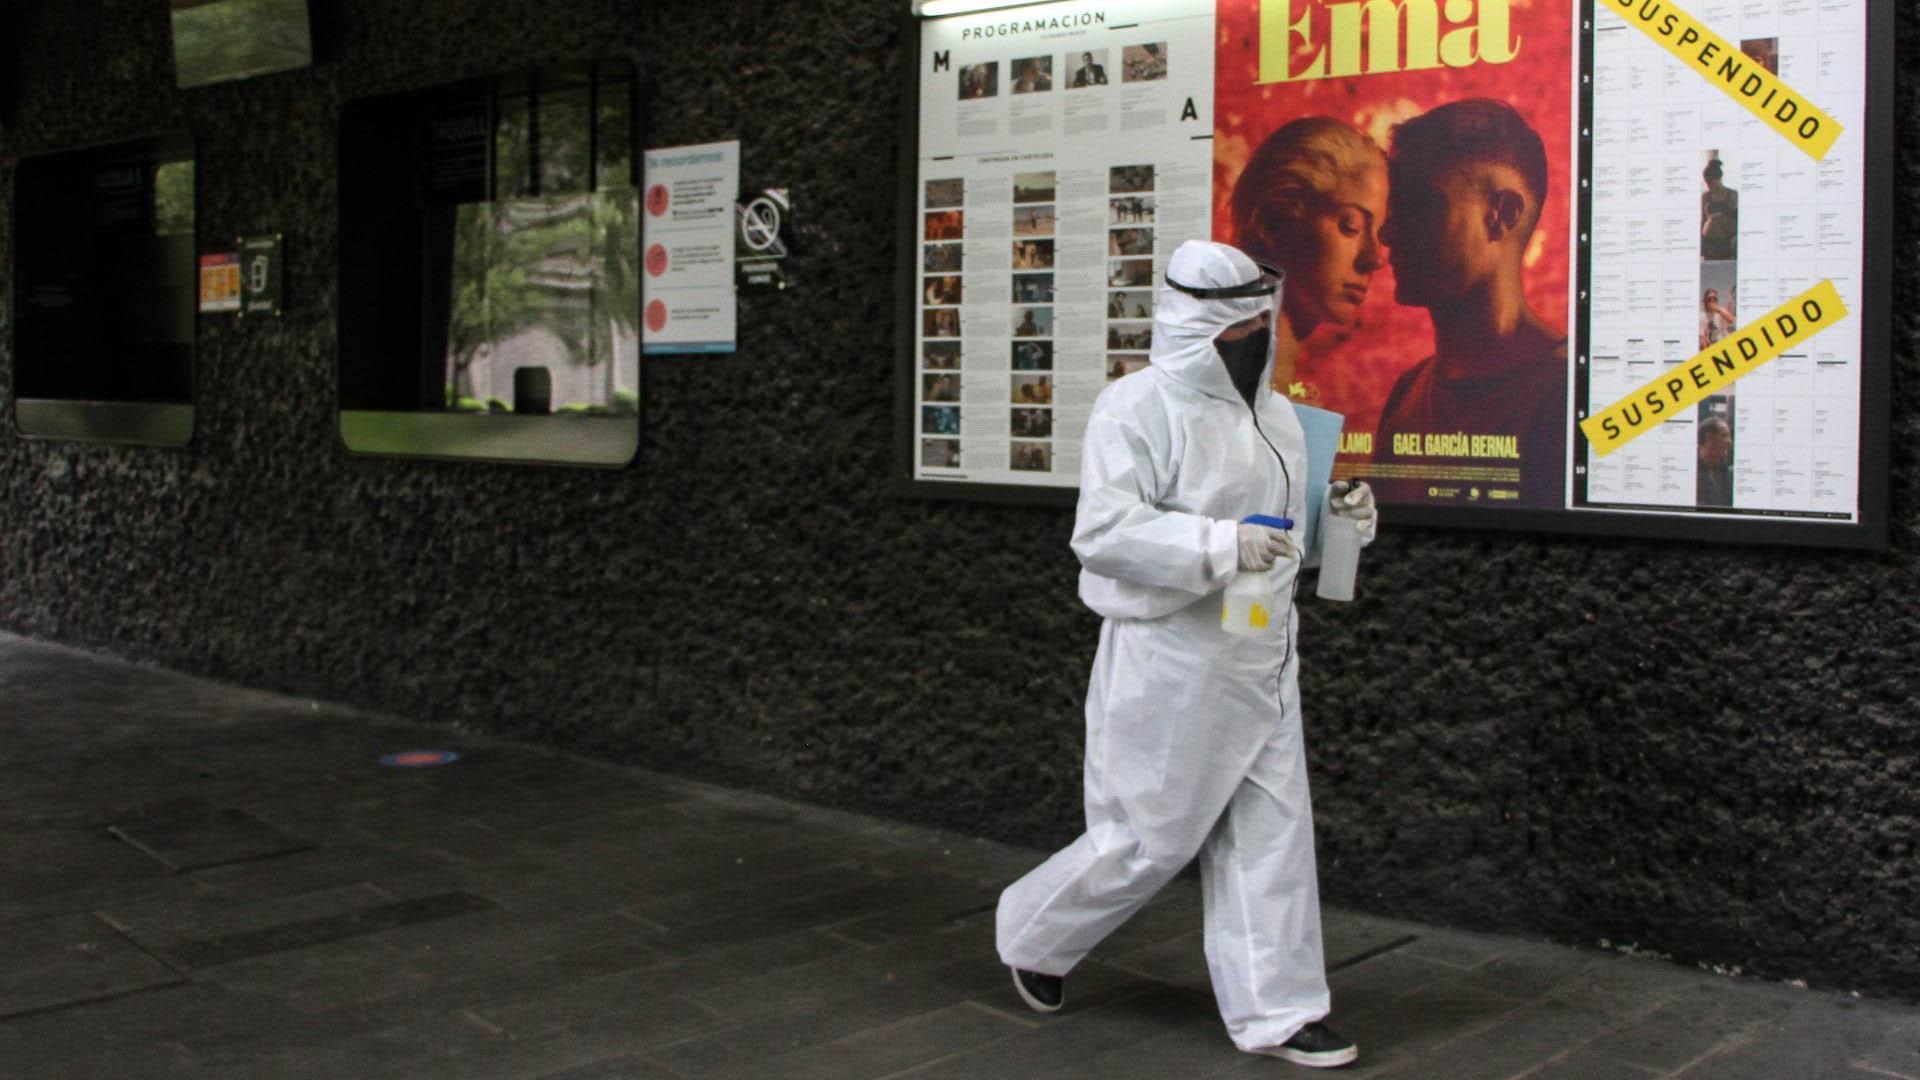 Un empleado de la Cienteca con un traje de protección recorre los pasillos del recinto durante la reapertura del lugar (Foto: Cuartoscuro)